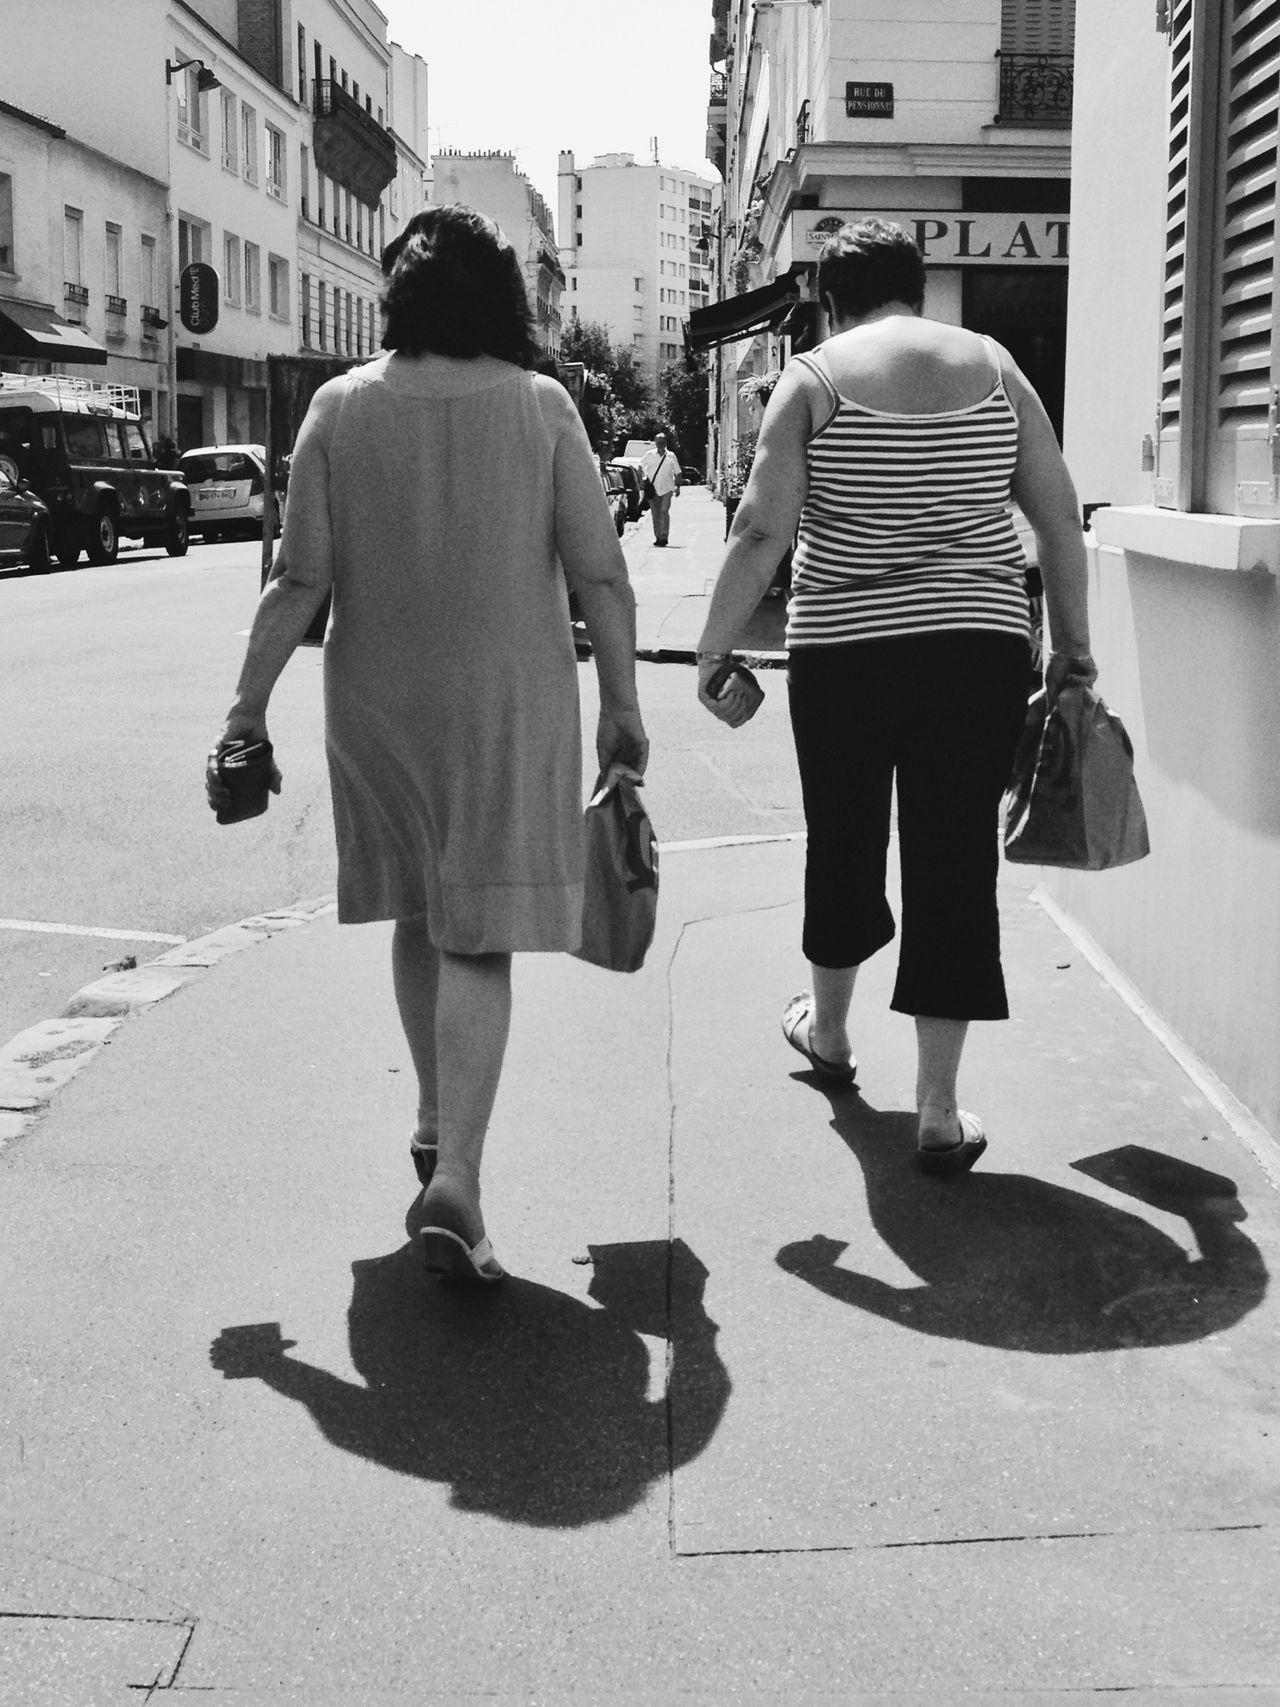 le porte monnaie a la main gauche, le quick a la main droite. Le pas lent, difficile, la posture quelque peu arc-boutée, elles marchent avec le poids de leurs habitudes Blackandwhite Walking On Sunshine Oldwoman